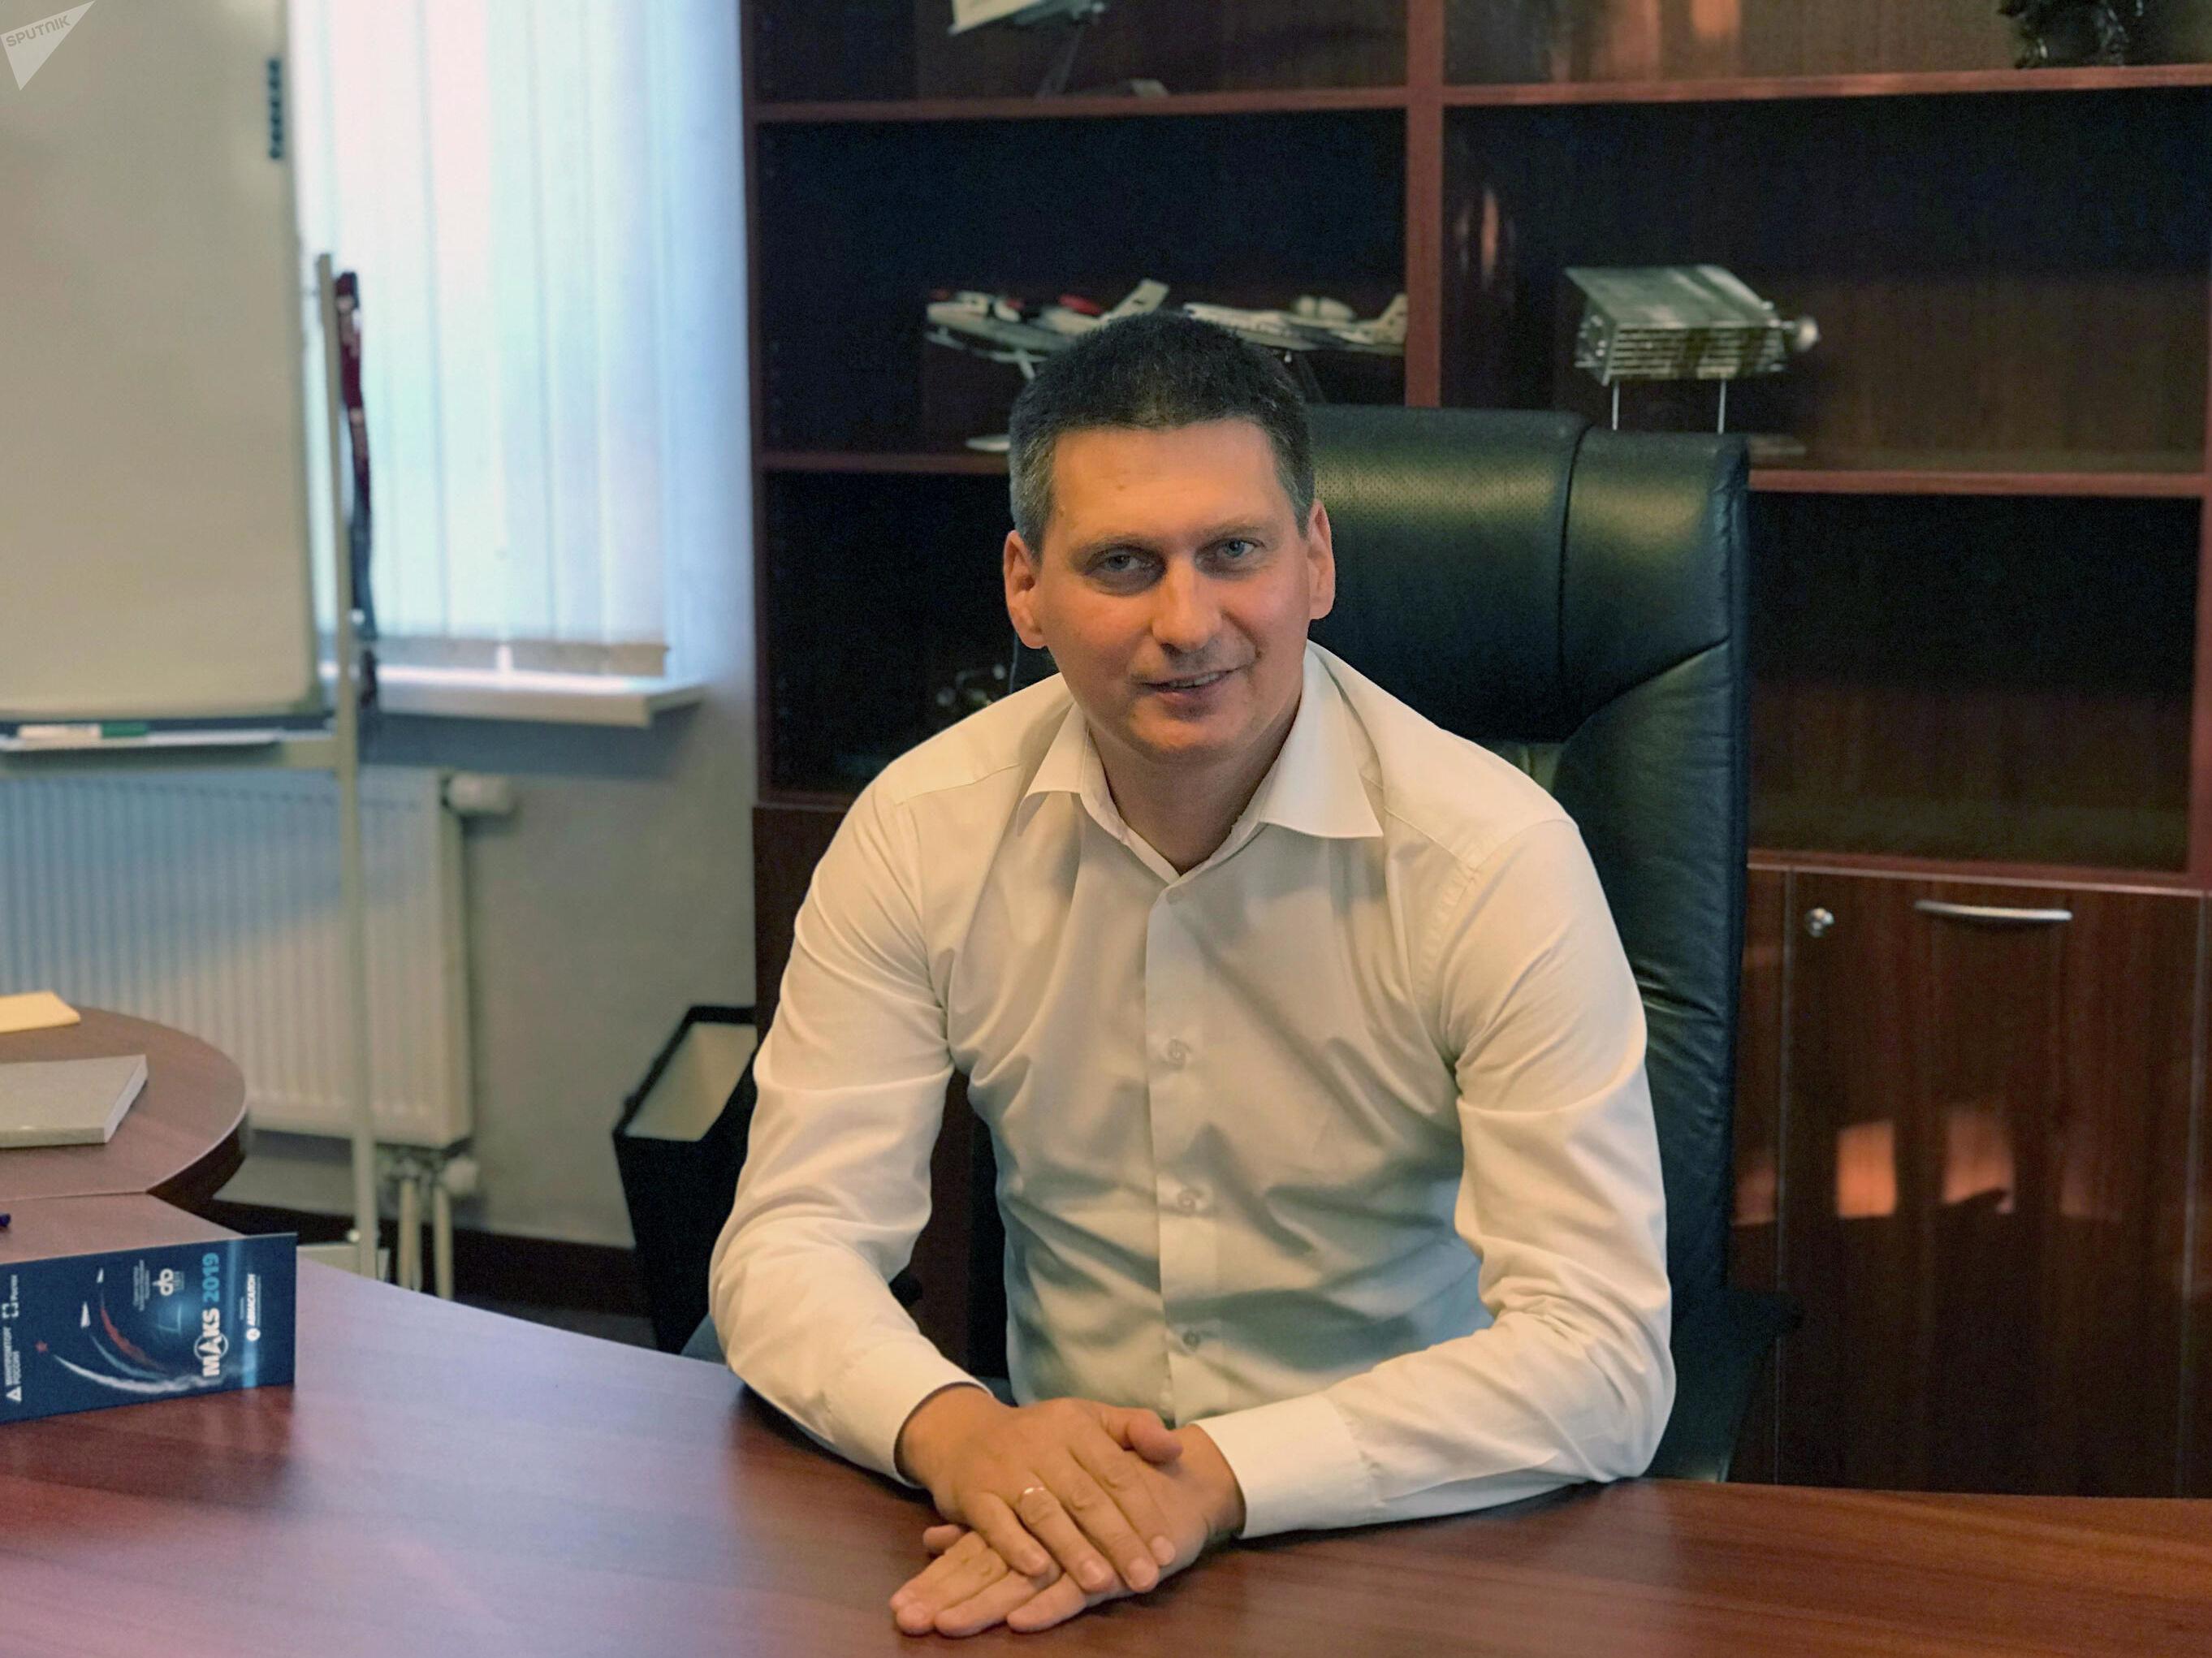 سيرغي خوخلوف، مدير عام معهد أنظمة الطيران